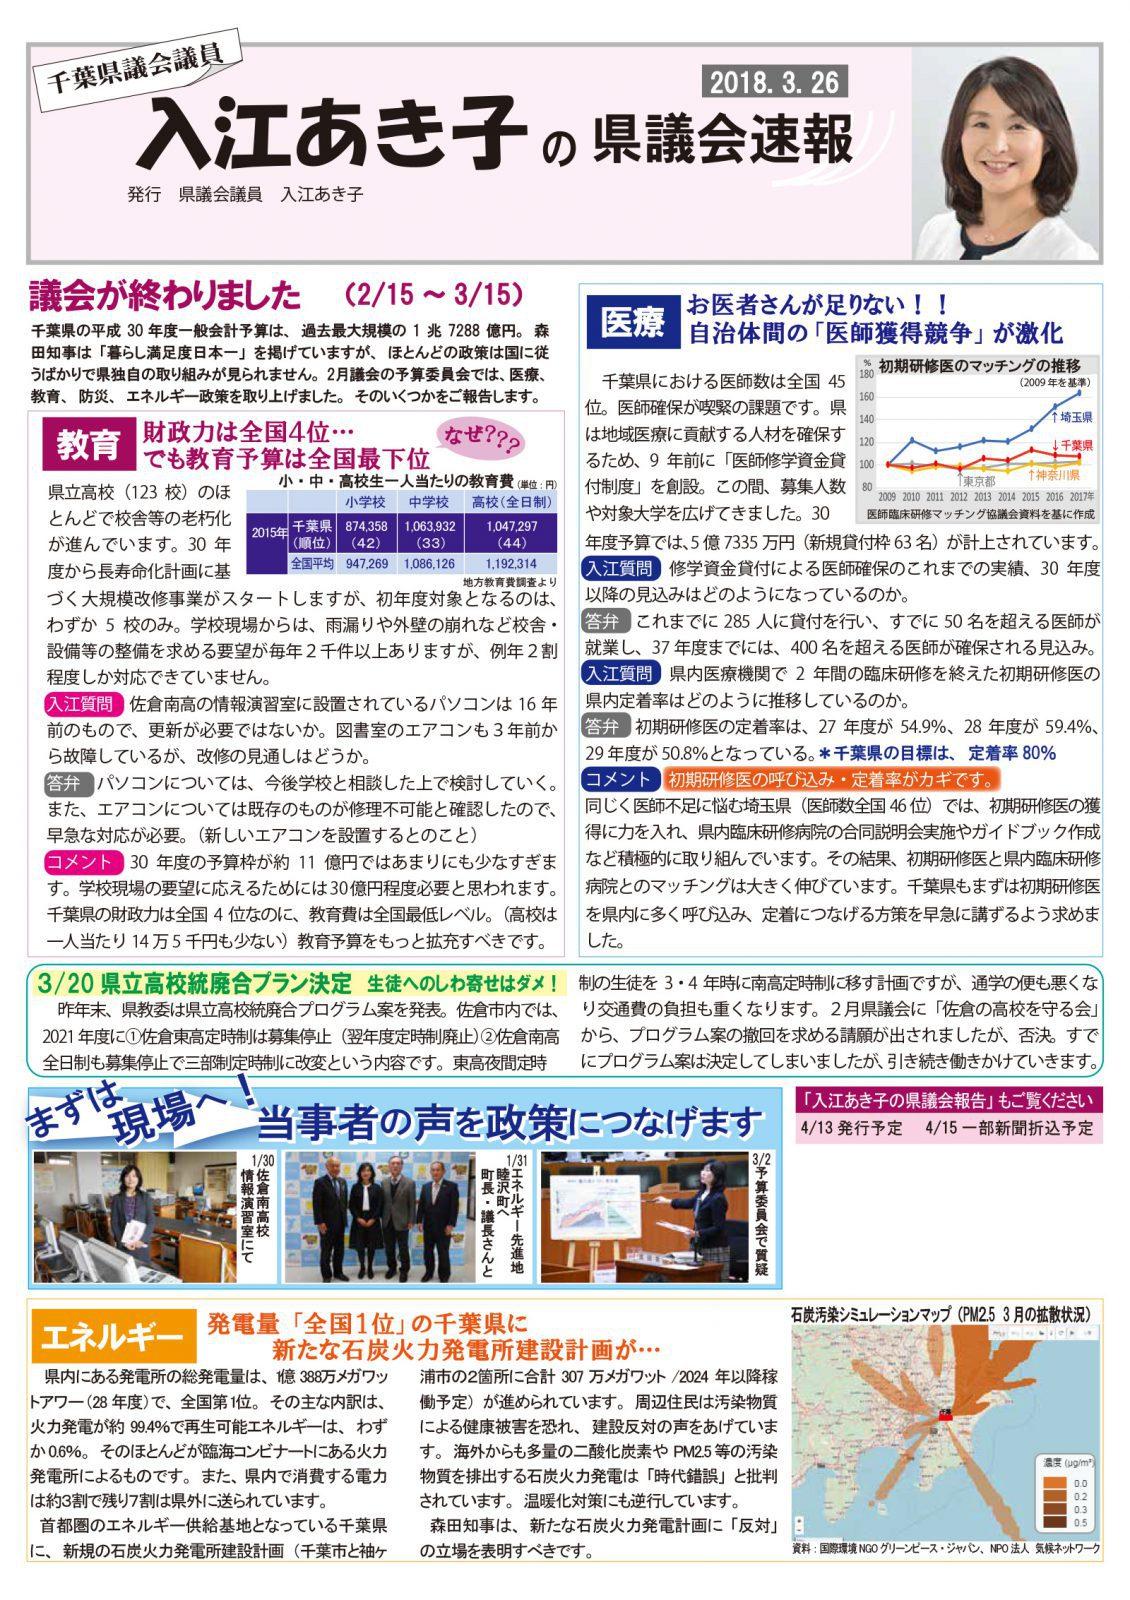 入江あき子の県議会速報 2018年3月26日発行